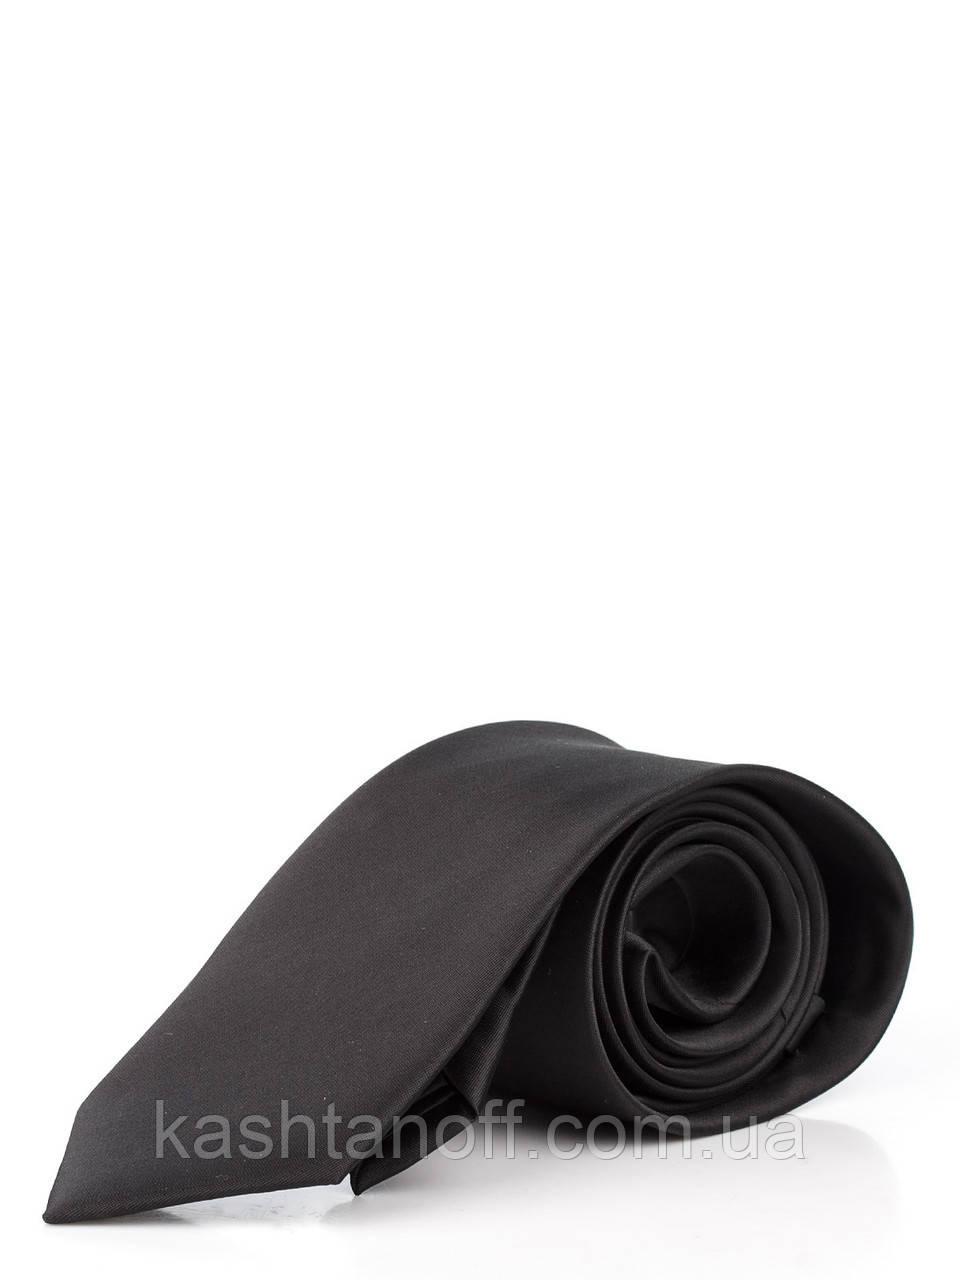 Галстук классический черный